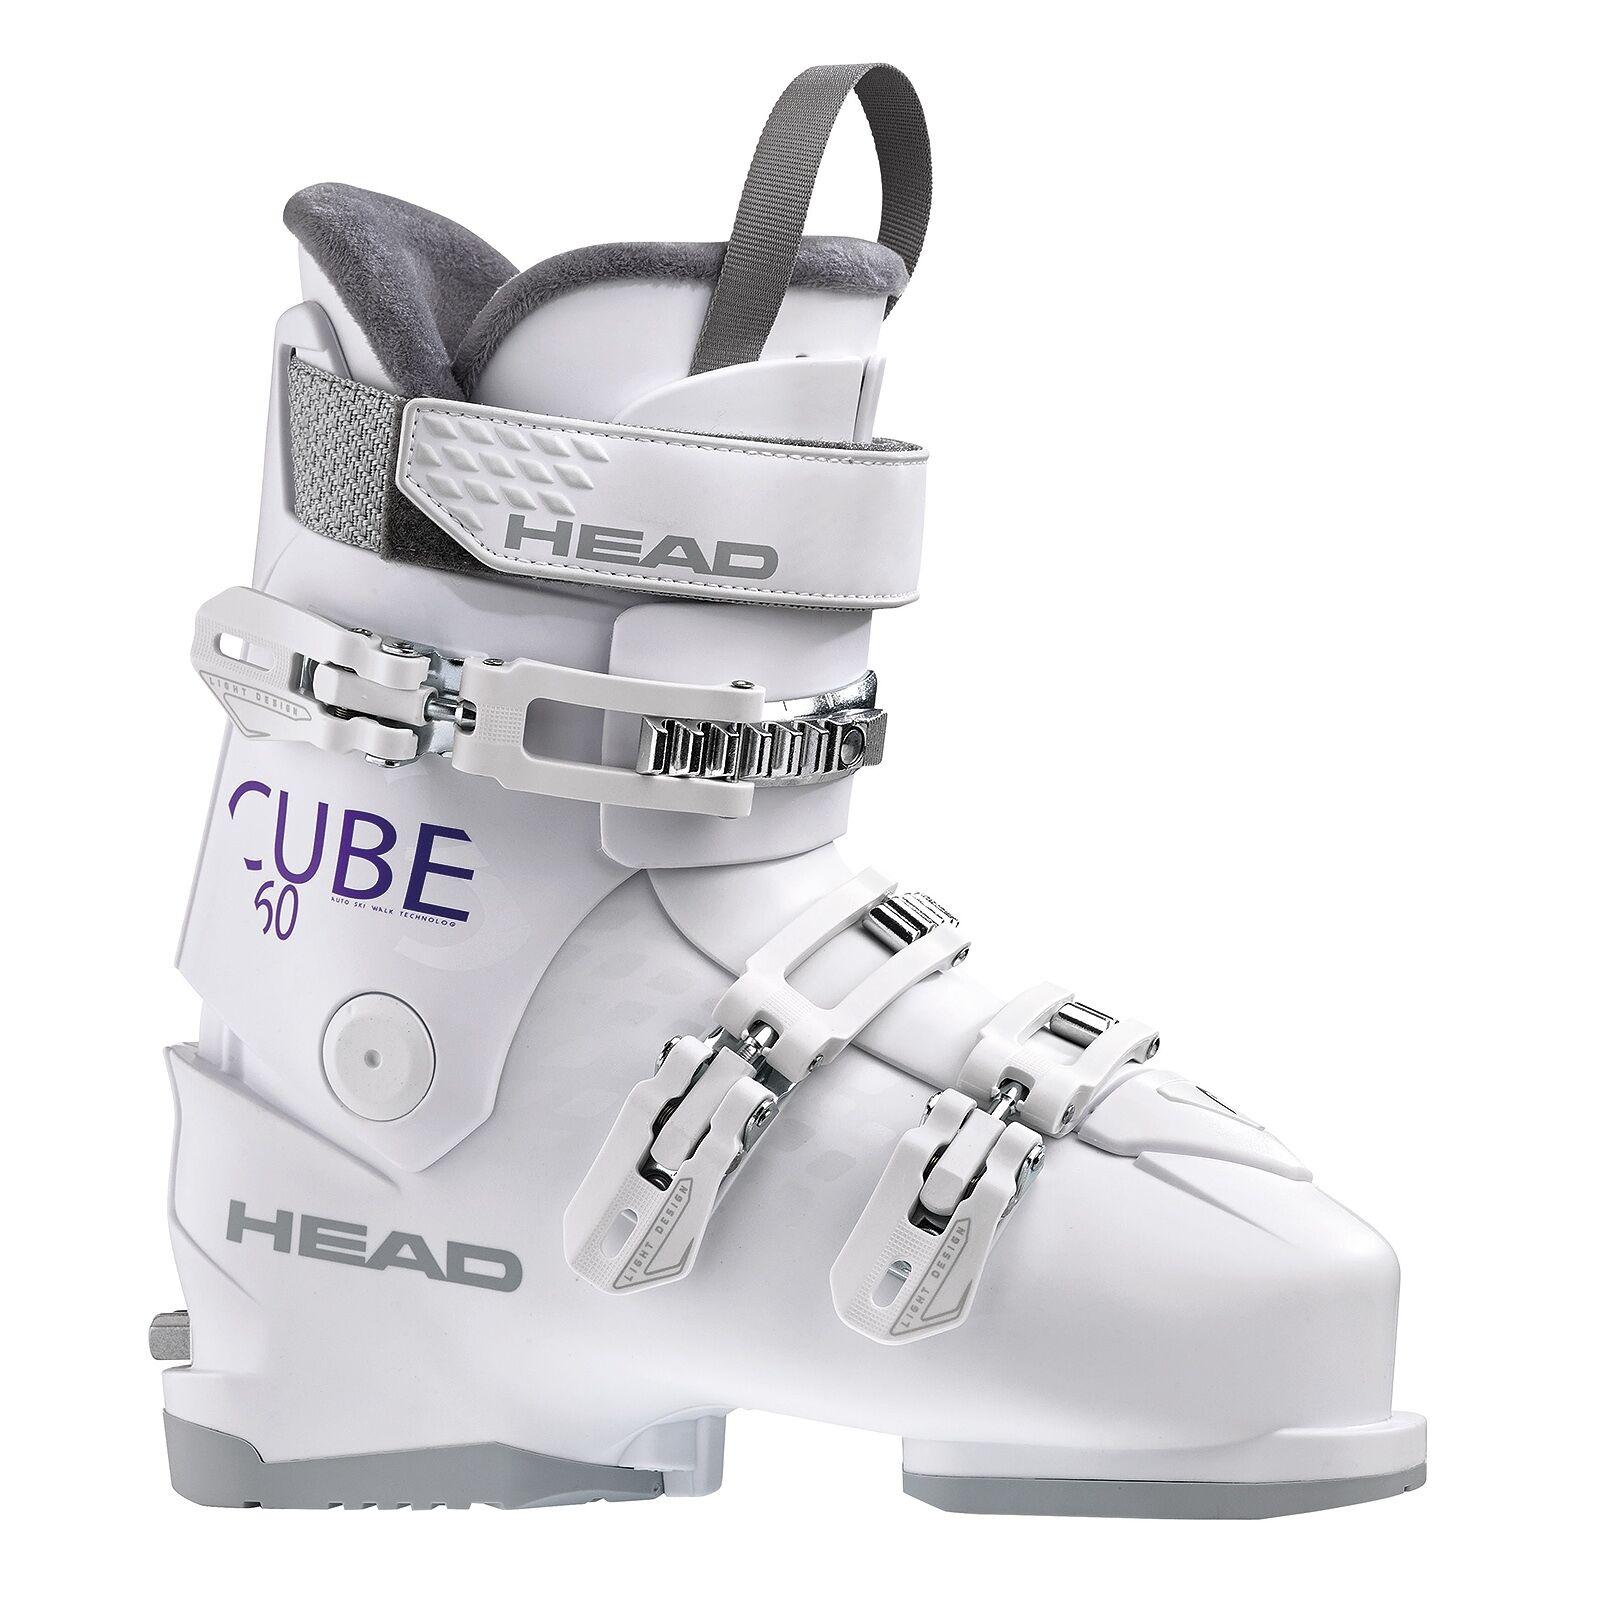 head Chaussures De Ski Head Cube 3 60 W White